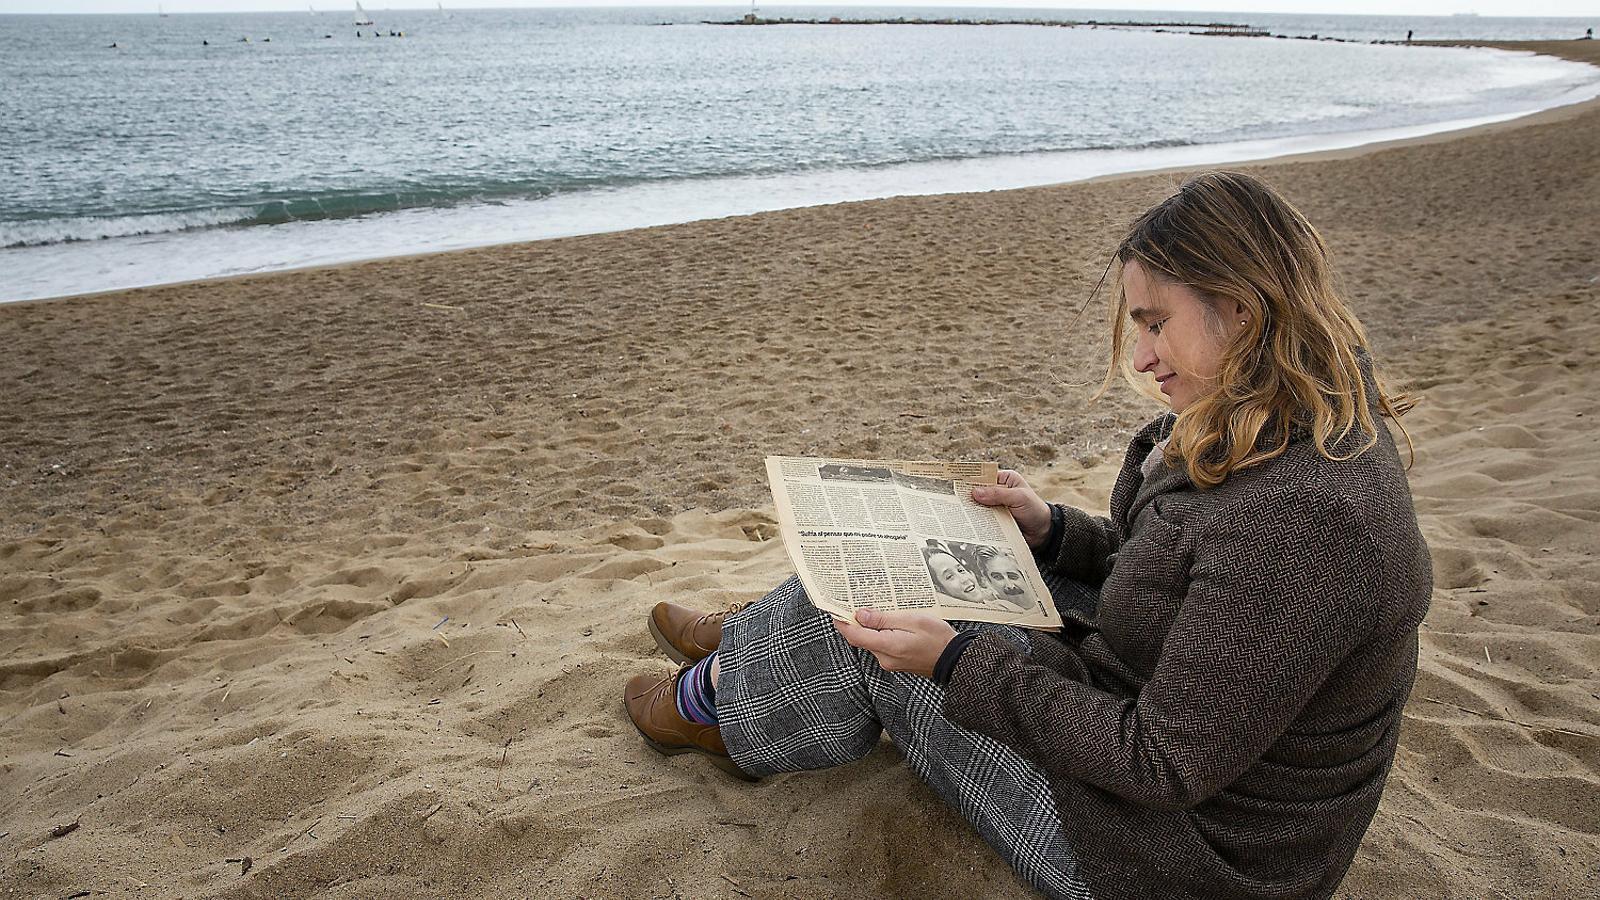 La Marta Riera ensenya un retall de diari de fa 30 anys que explicava l'odissea que va passar fins que va poder sortir de l'aigua / CRISTINA CALDERER